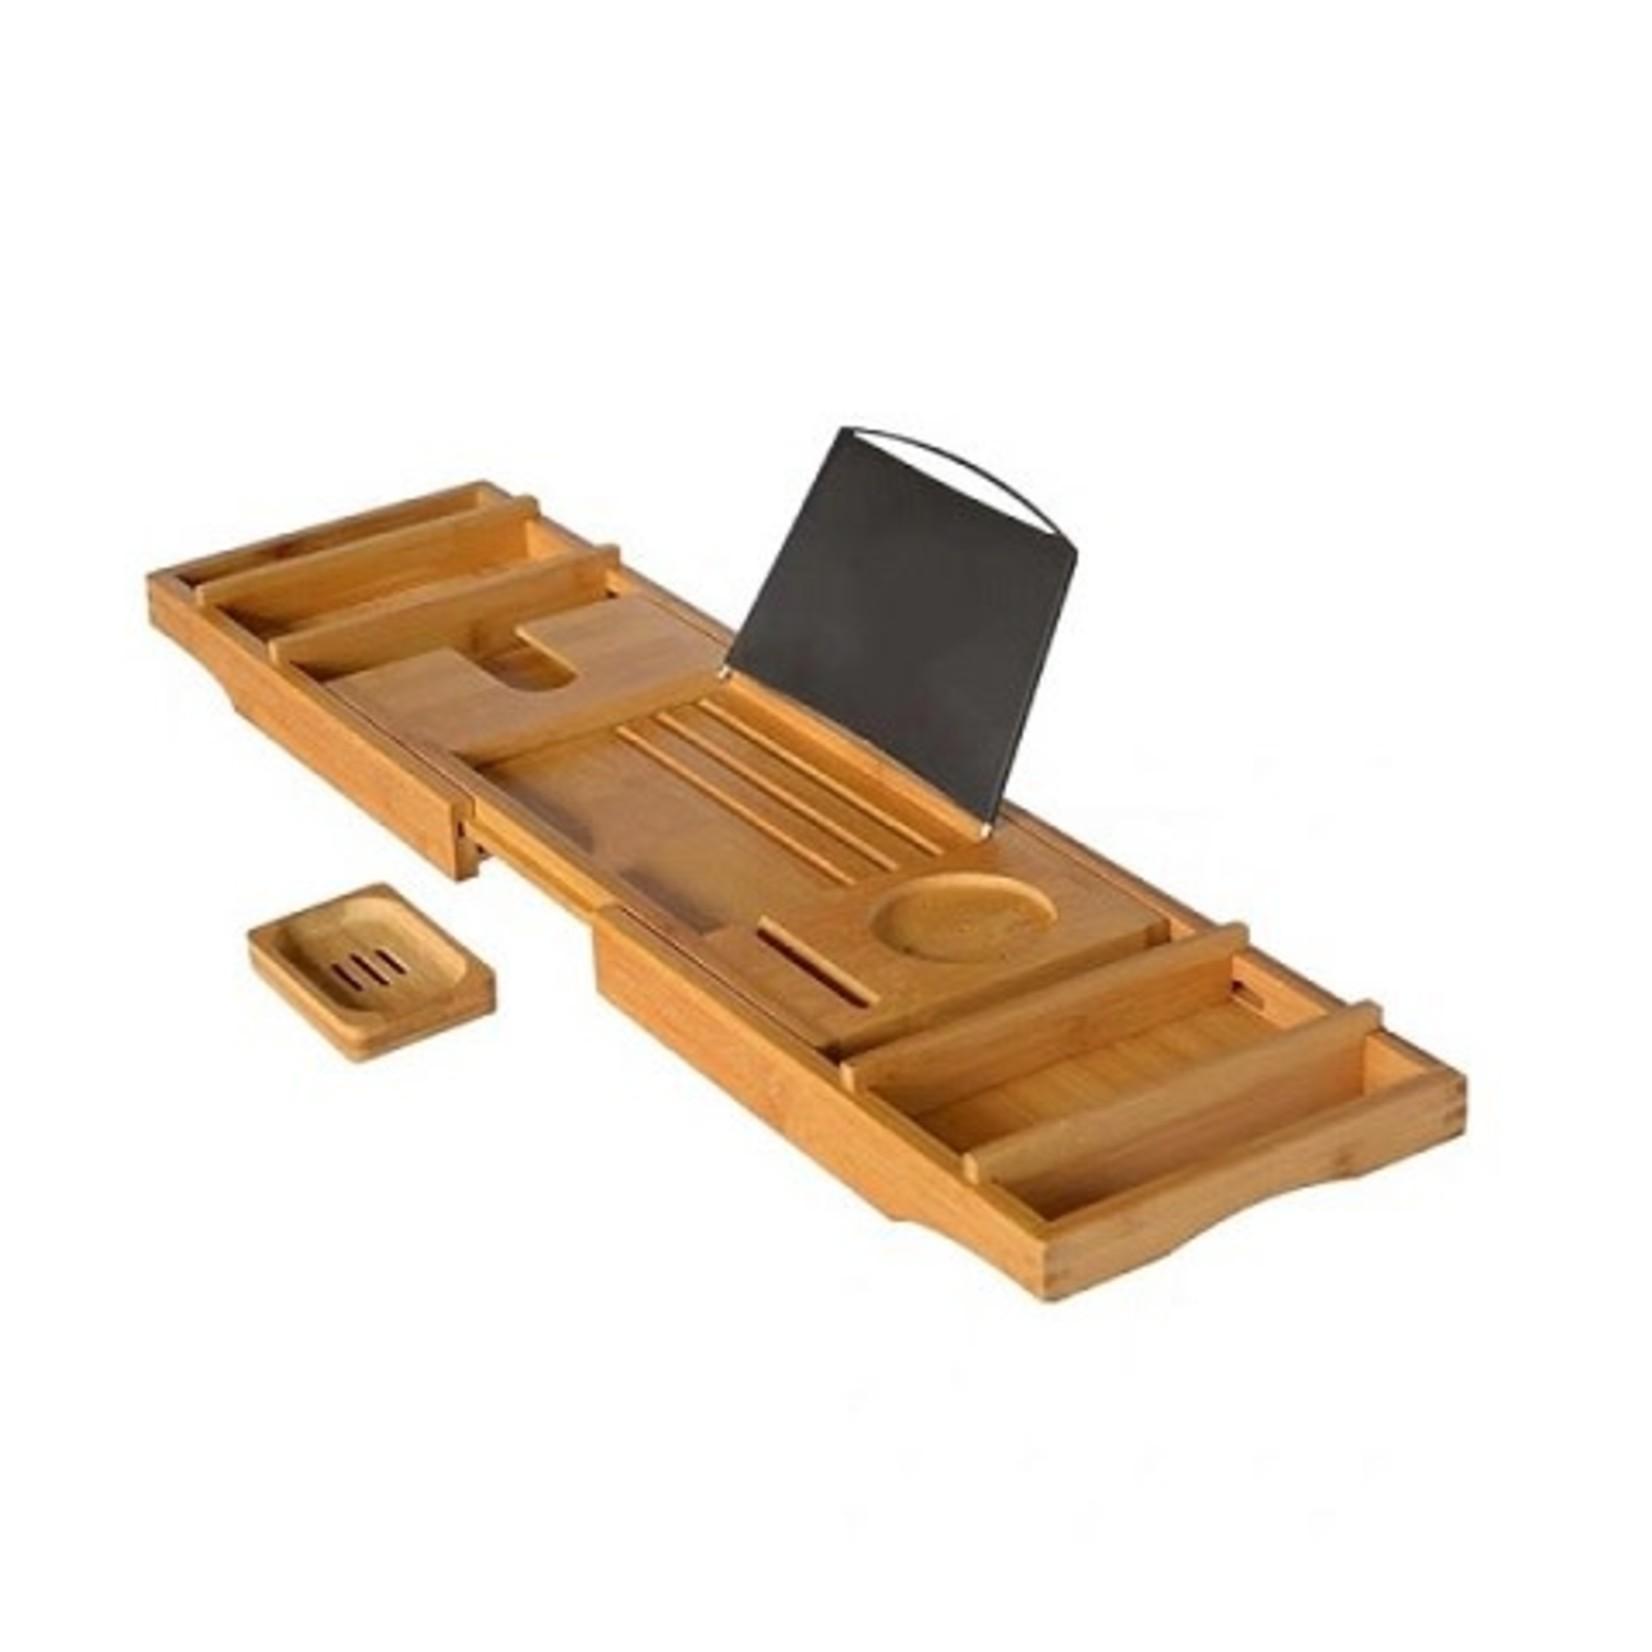 Bamboo bathtub caddy